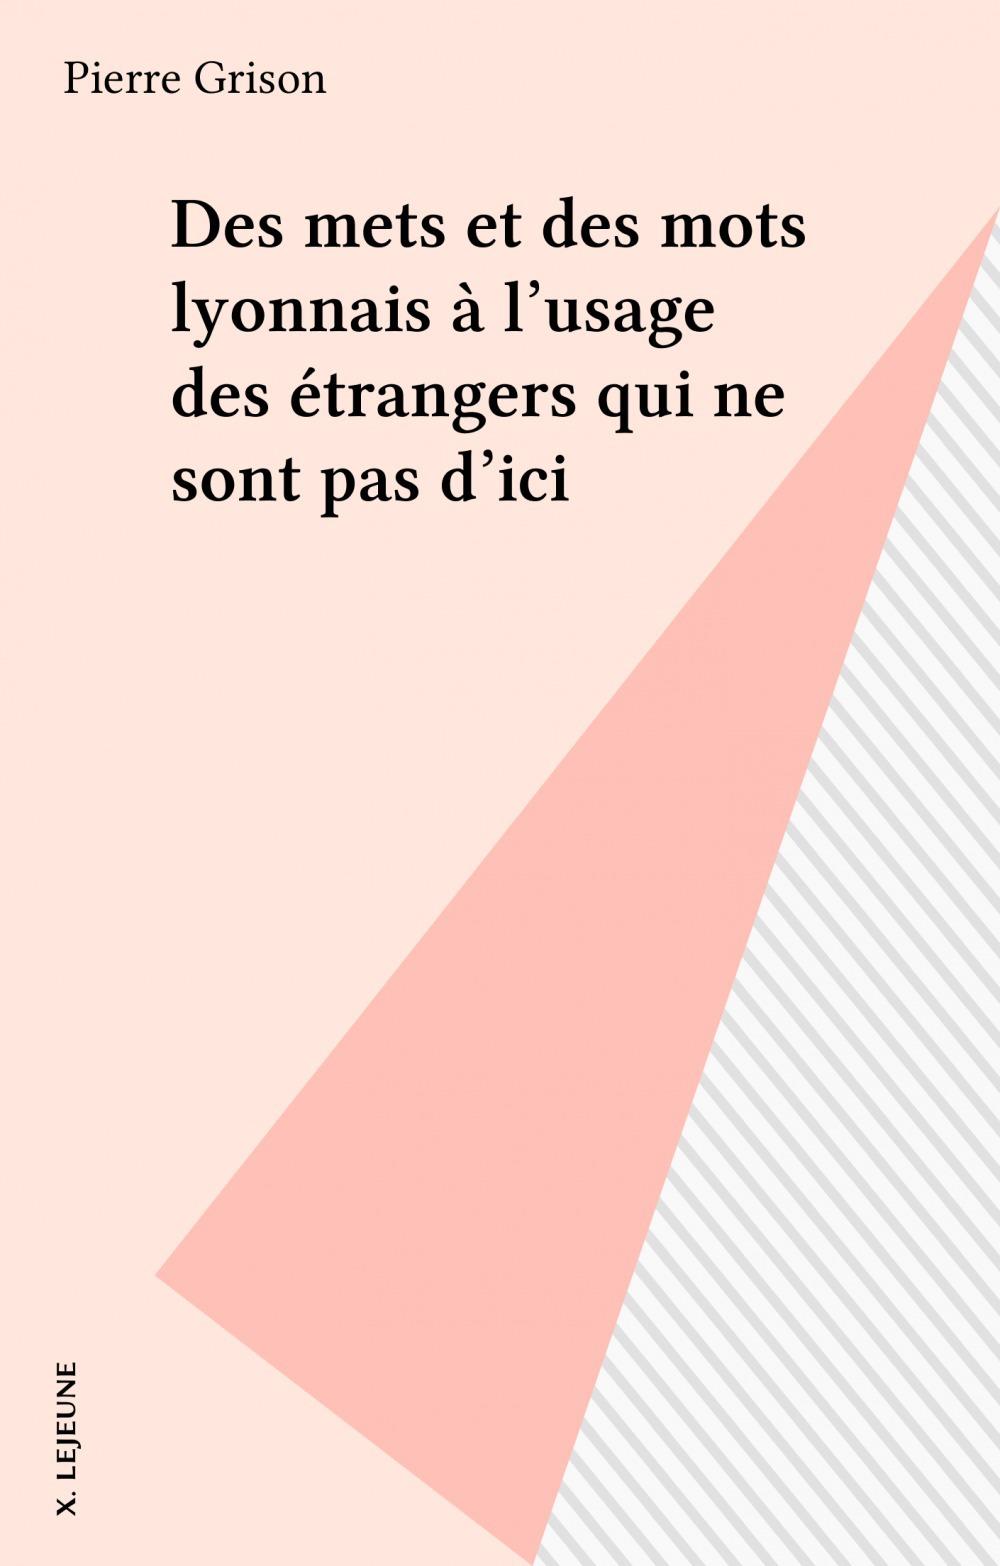 Des mets et des mots lyonnais à l'usage des étrangers qui ne sont pas d'ici  - Pierre Grison  - Collectif